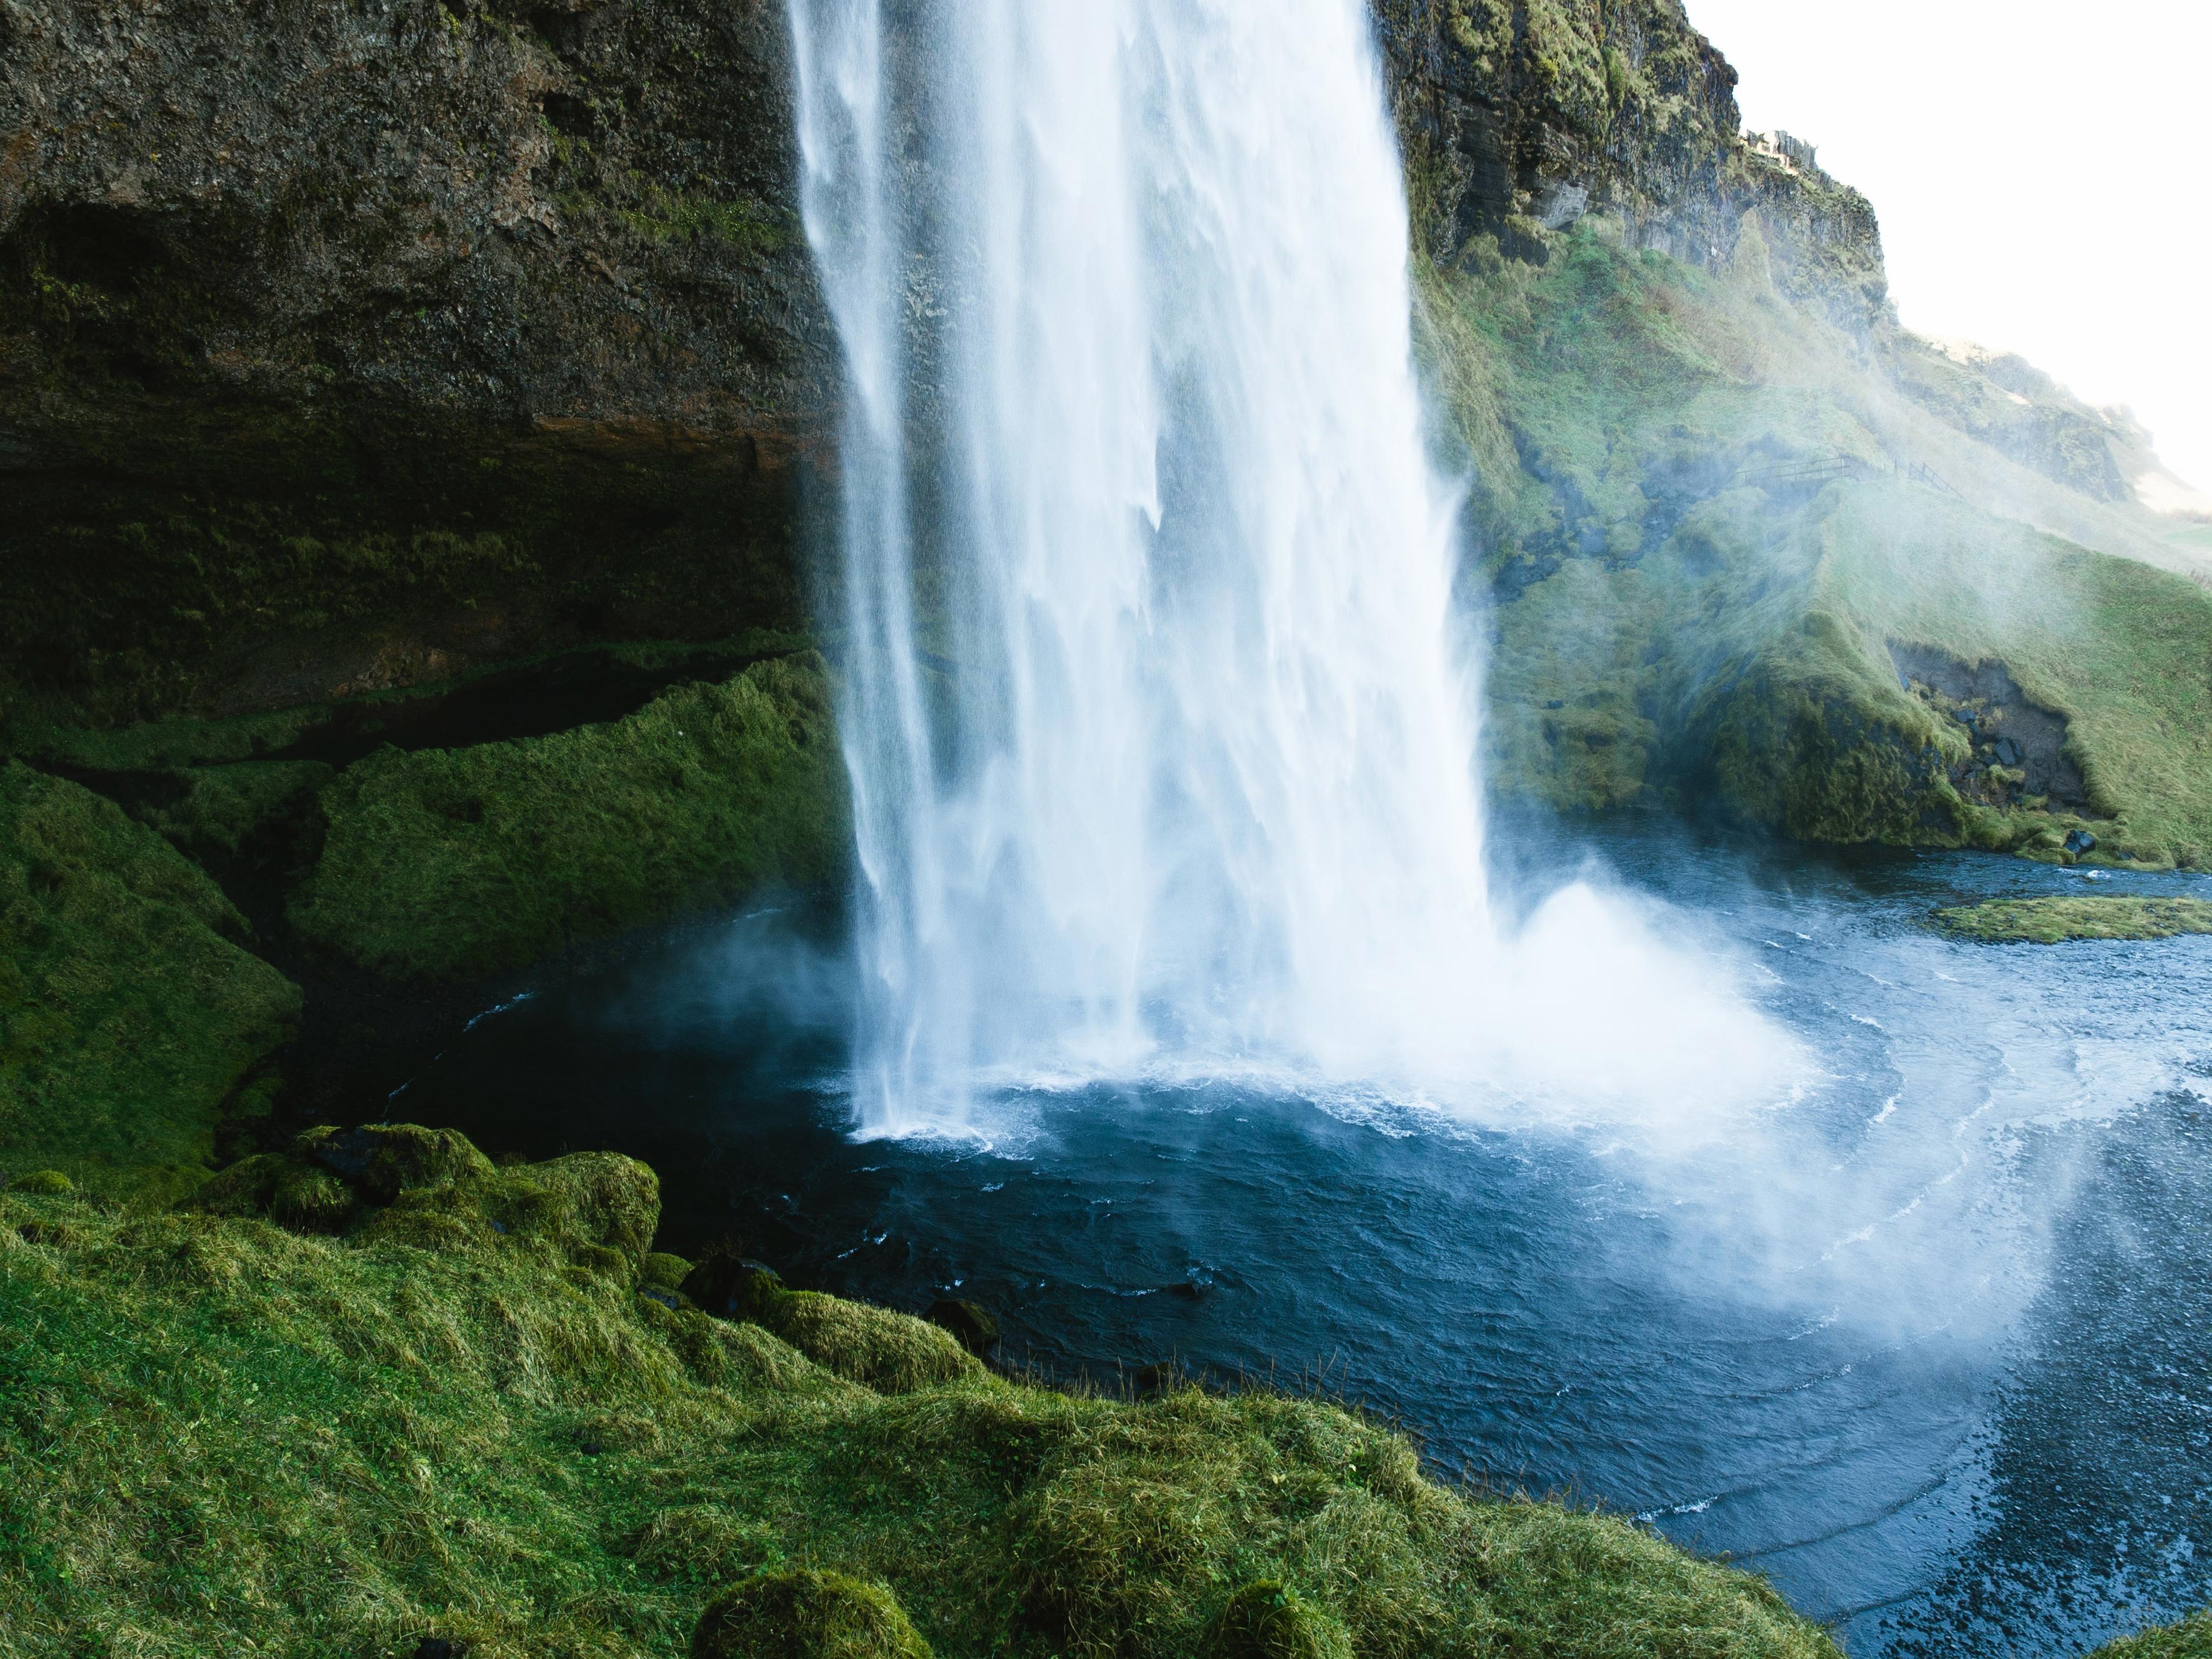 элегантные картинки про водопад кинопросмотра